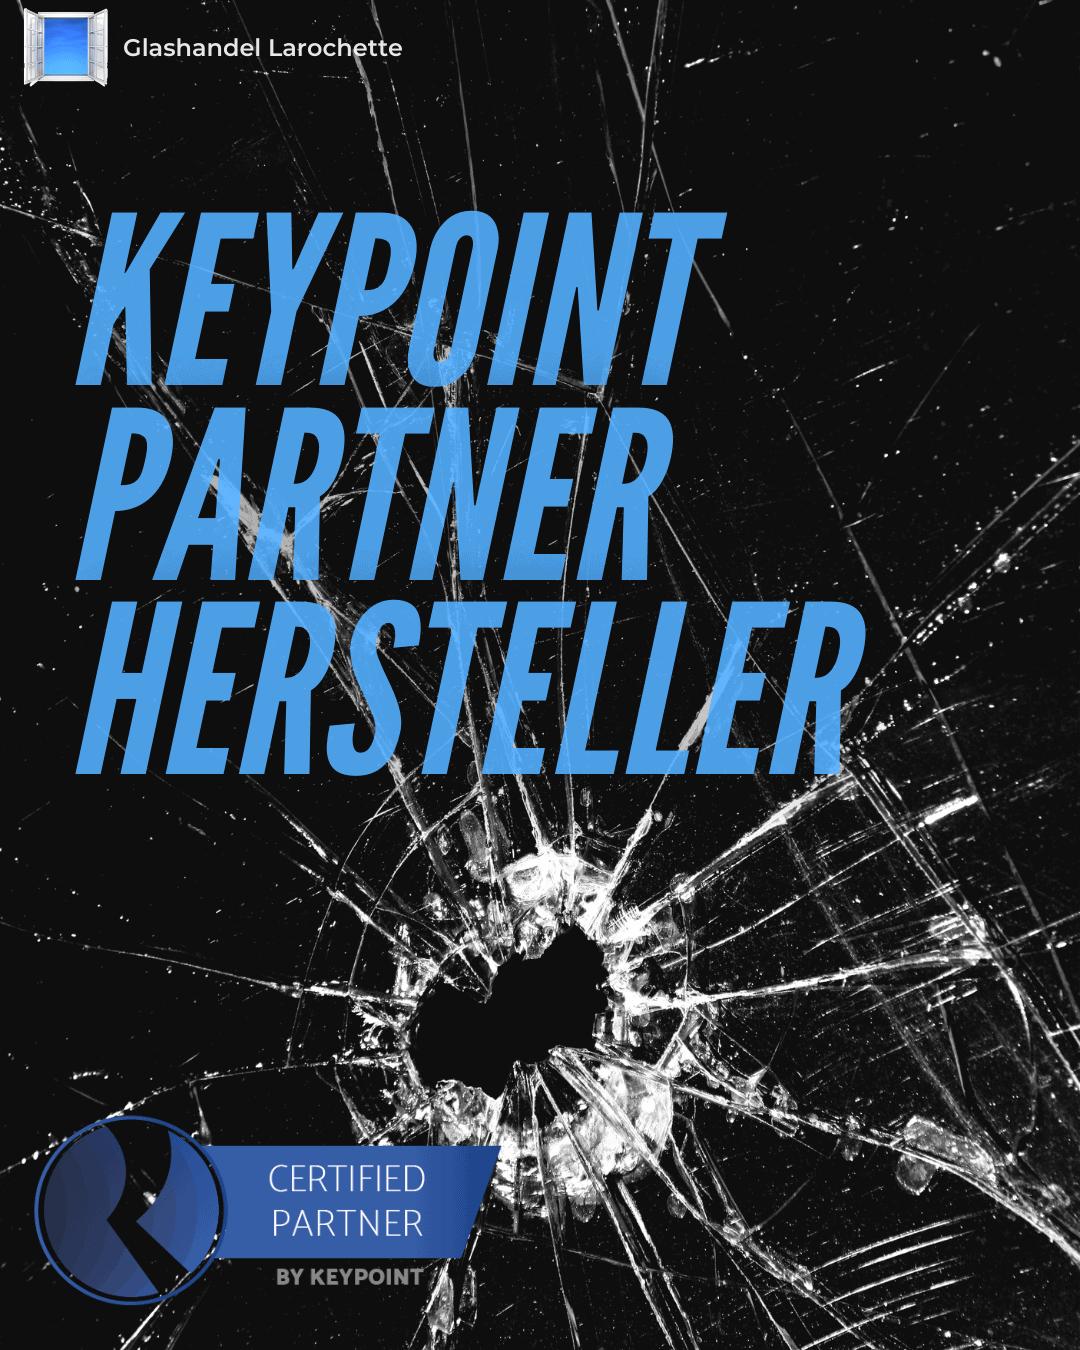 Keypoint partner hersteller